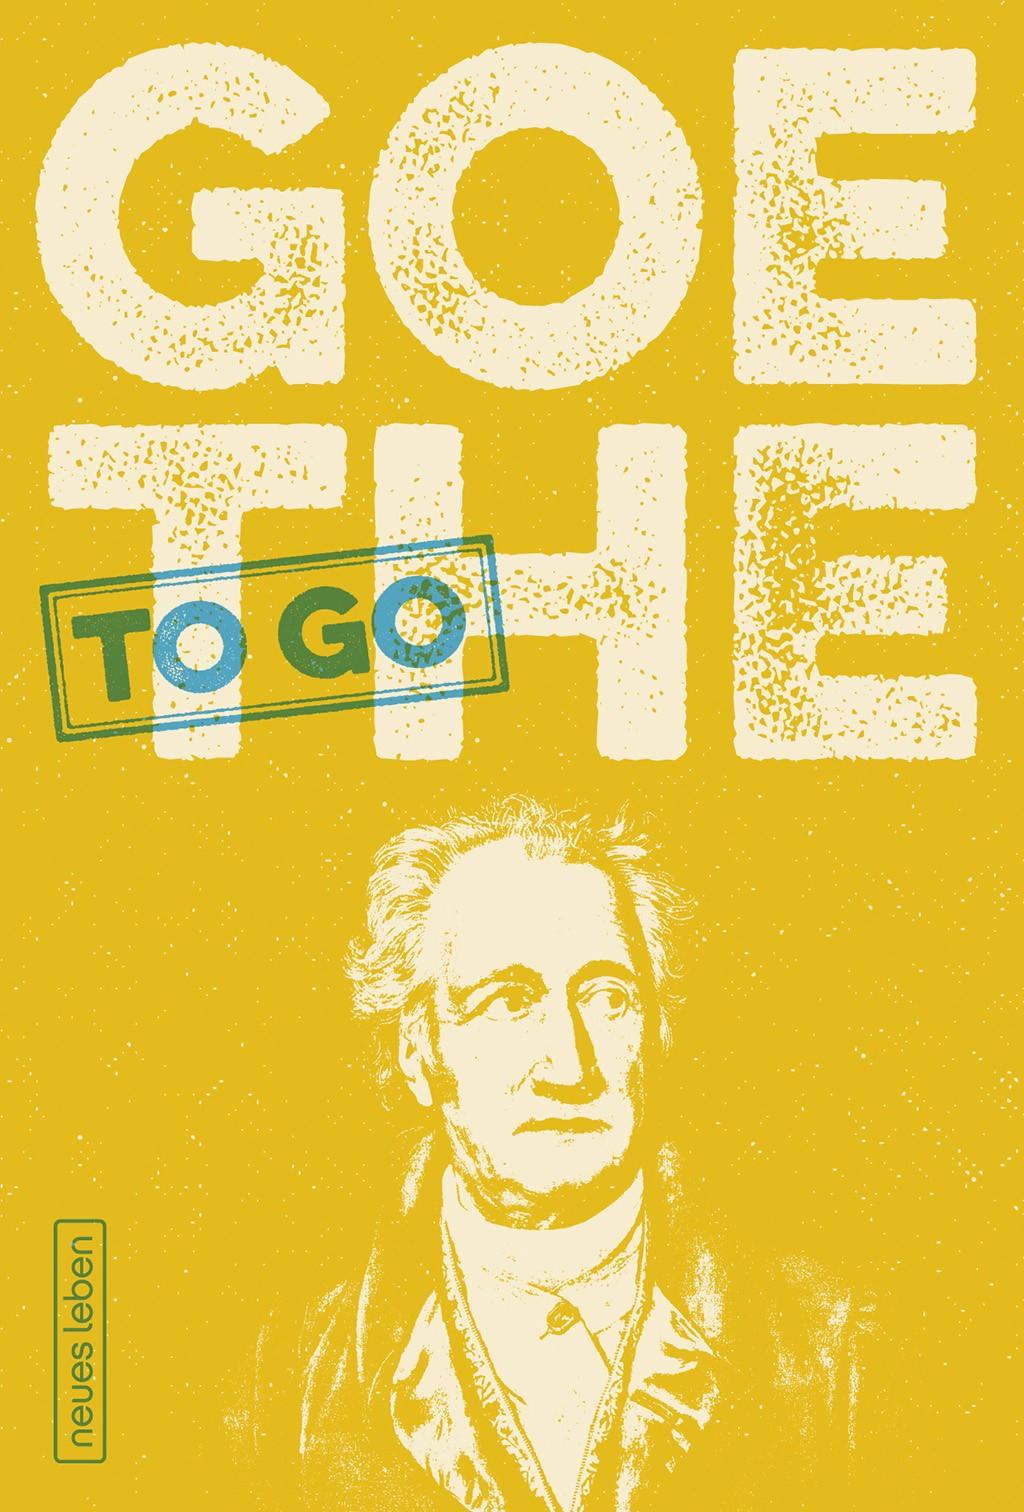 GOETHE to go – Ein tüchtig Wort von Johann Wolfgang von Goethe